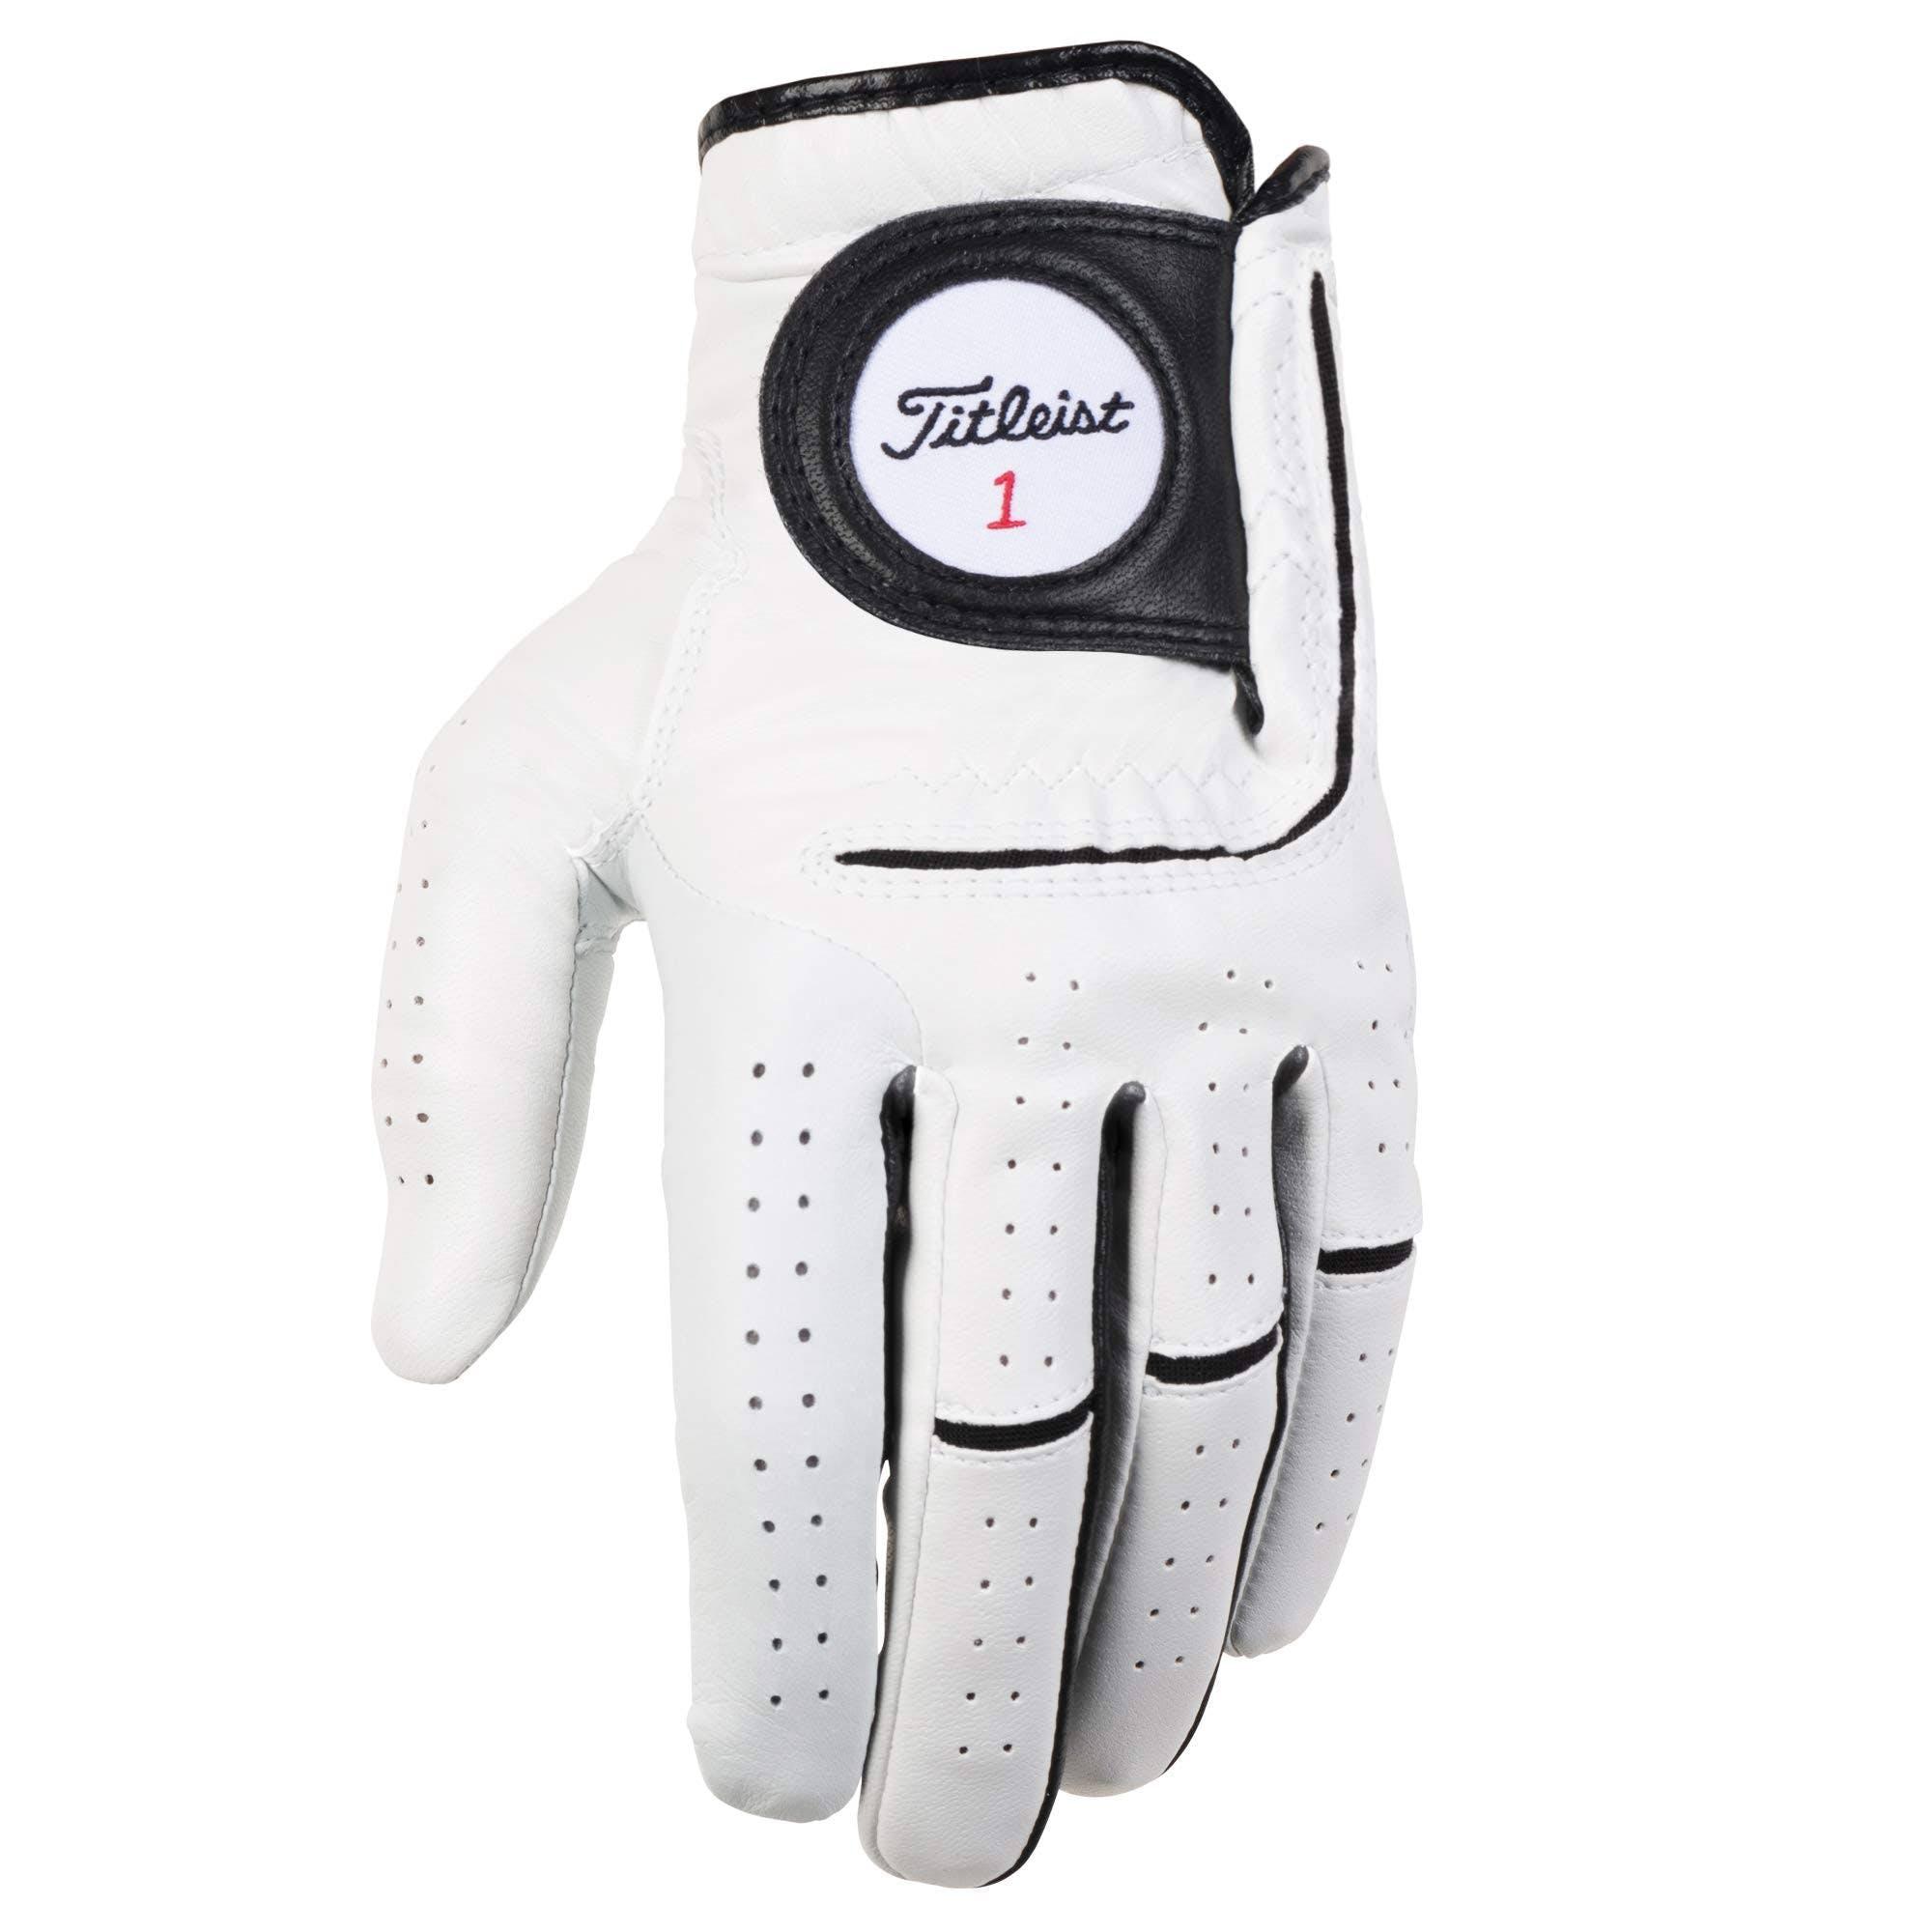 Titleist Players Flex Men's Golf Glove